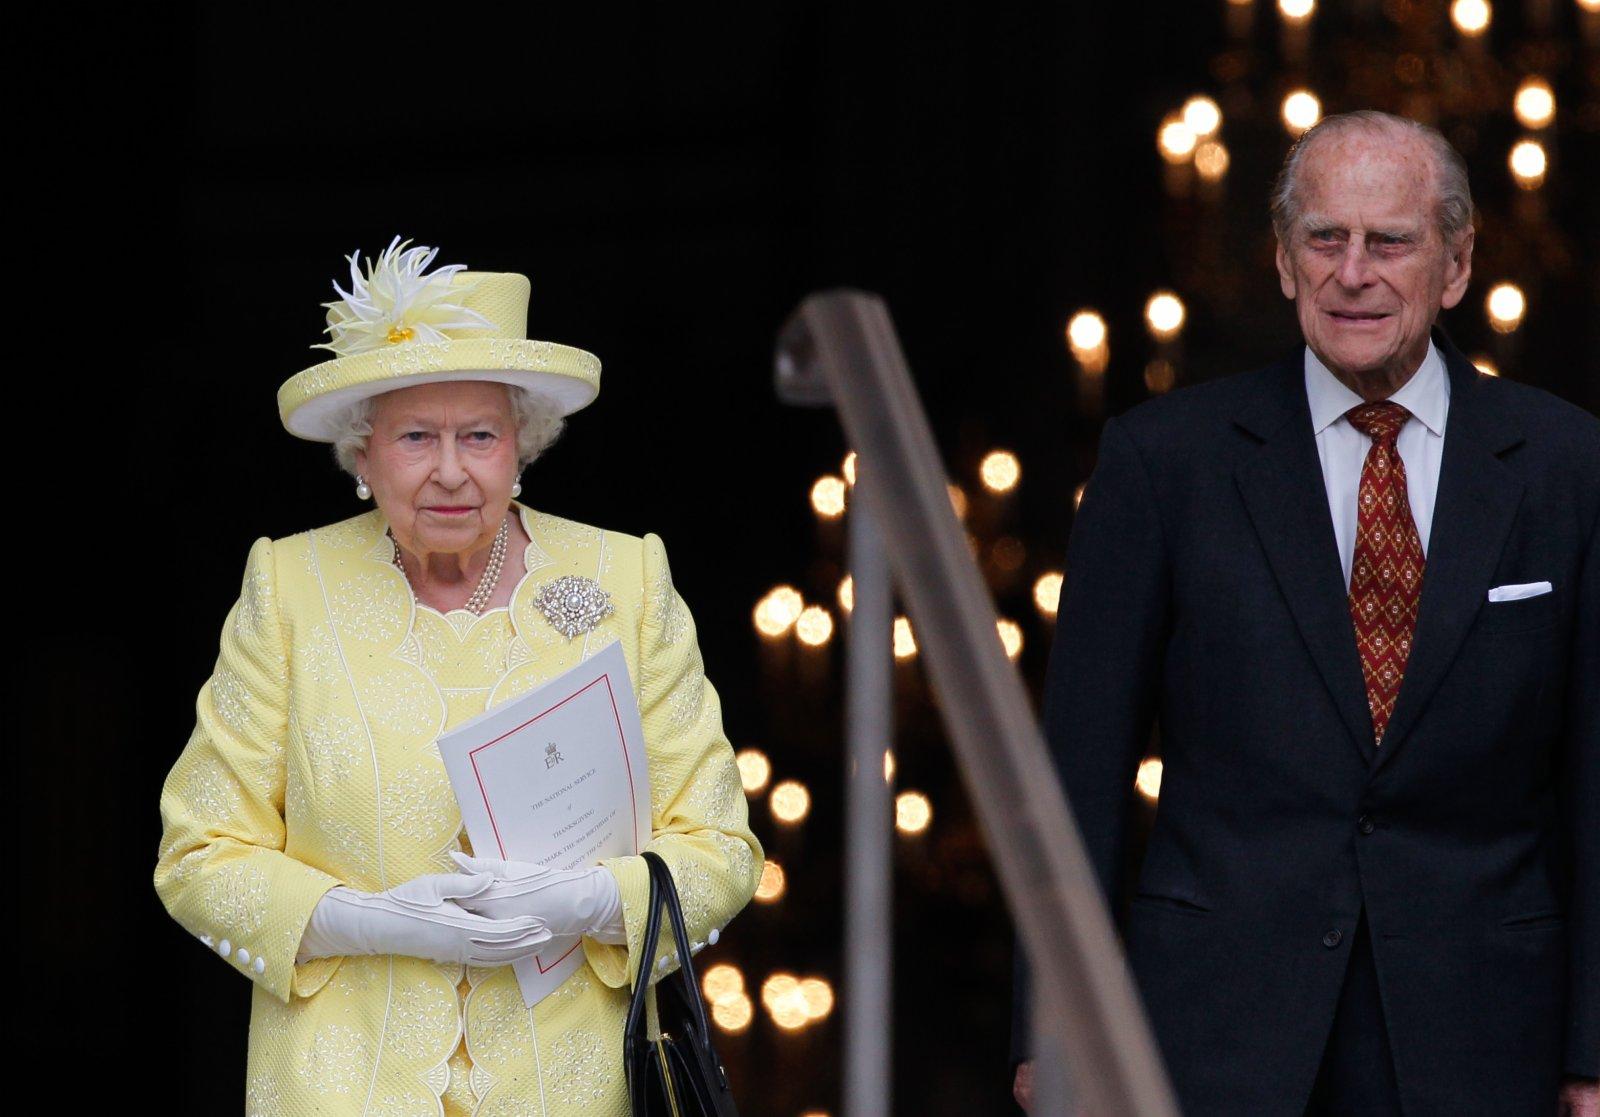 英國女王伊麗莎白二世和丈夫菲臘親王參加全國感恩儀式後離開聖保羅大教堂。 新華社資料圖